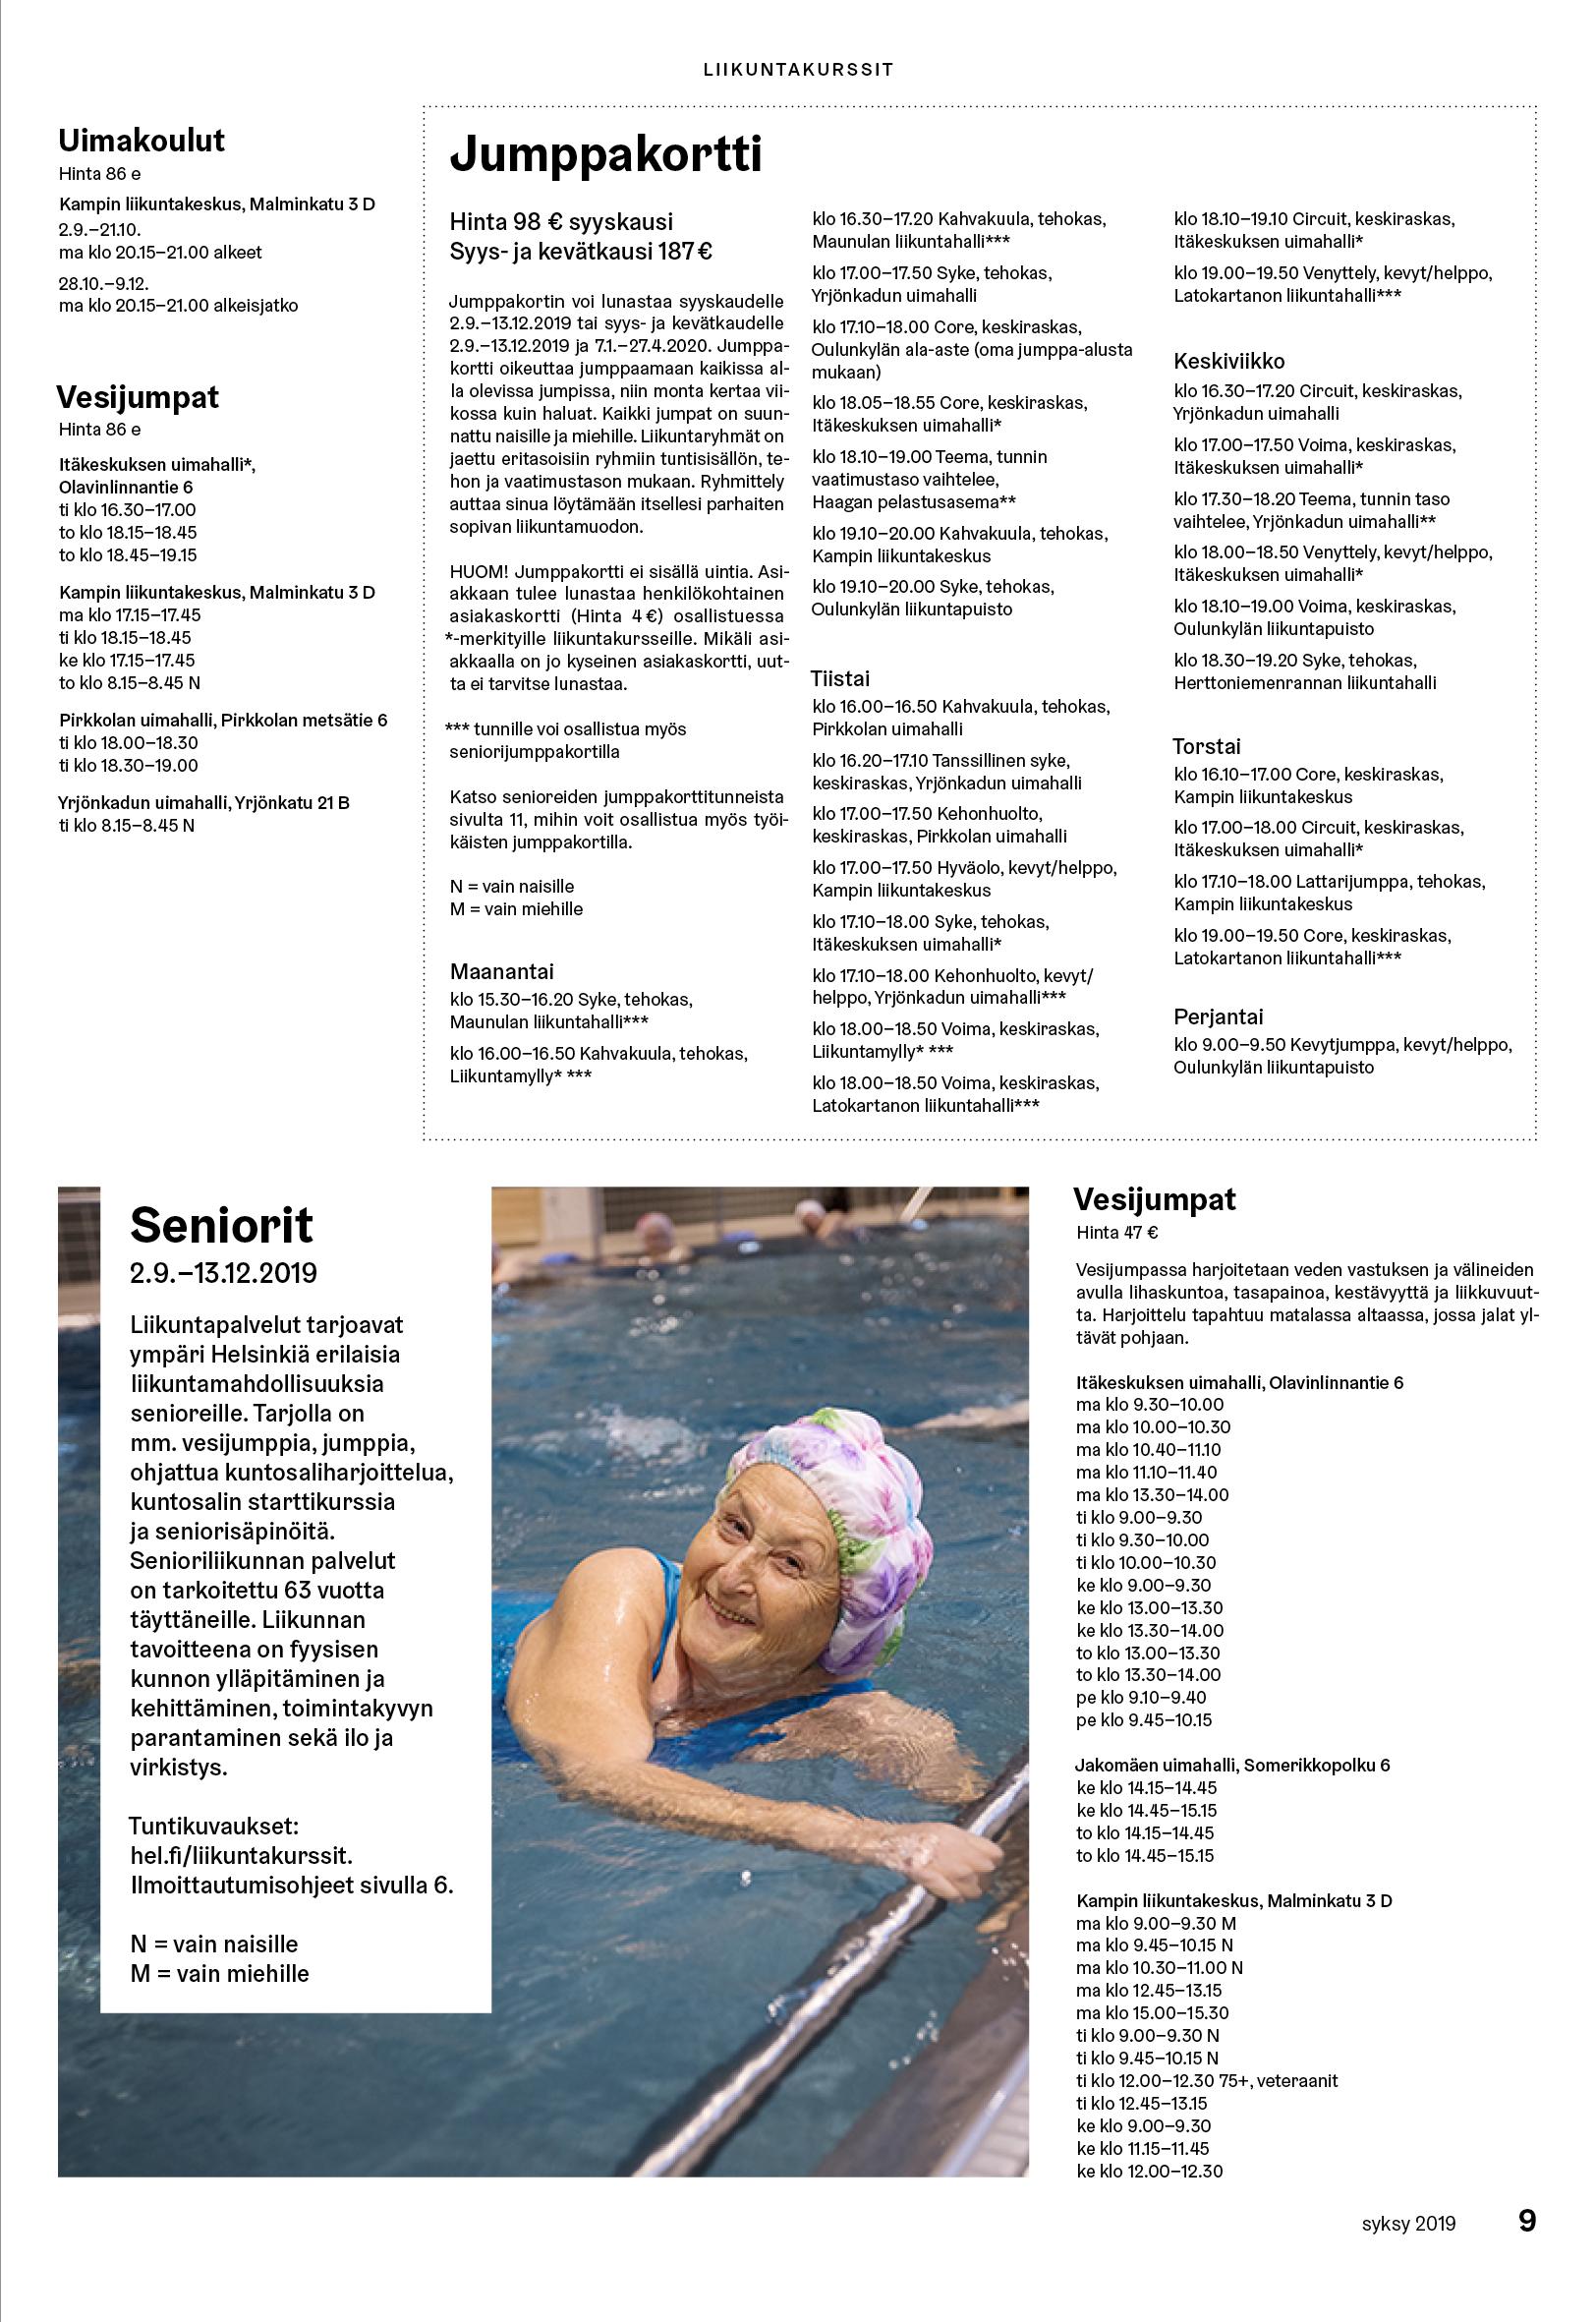 Helsingin_Uutiset_liikuntapalveluiden_syysesite_2019_netti9